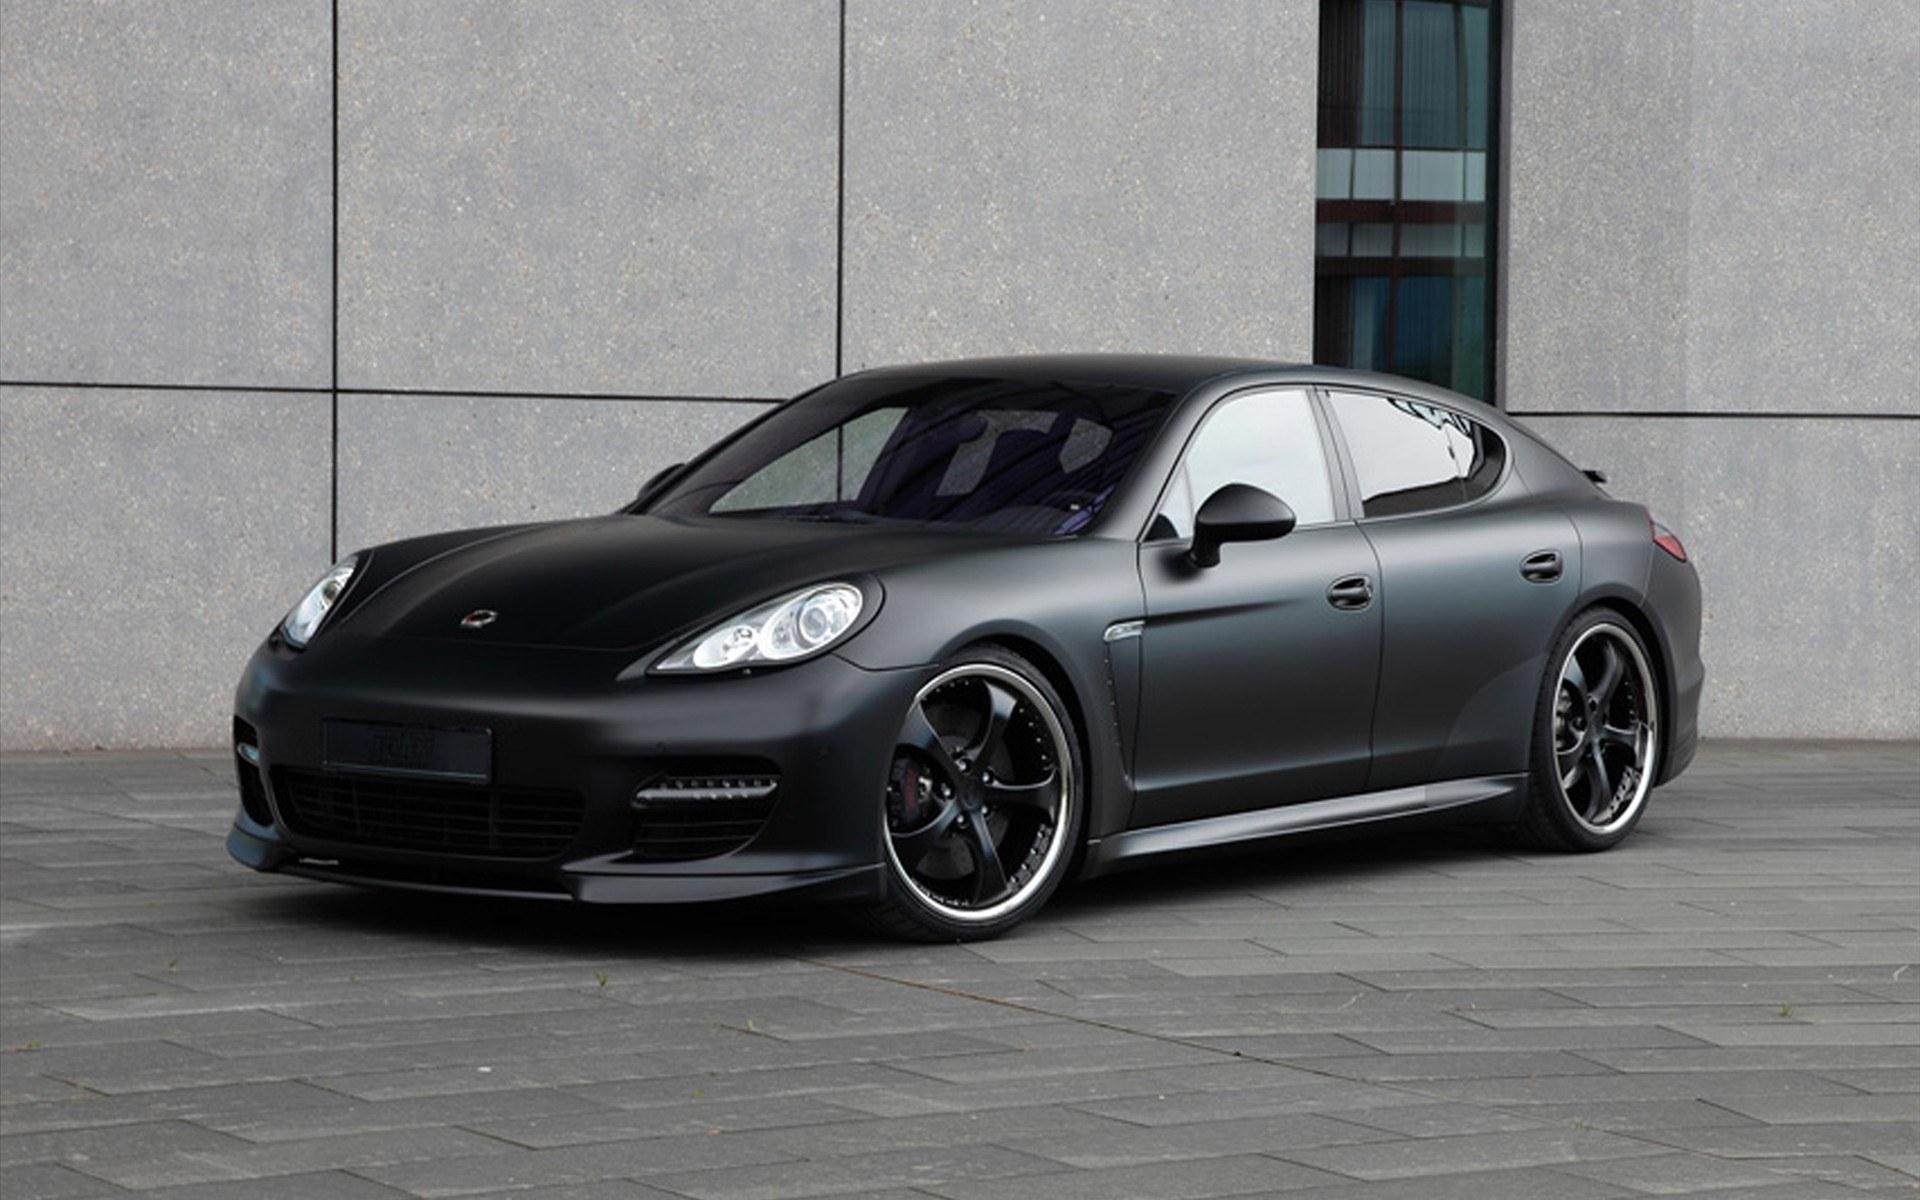 28019 скачать обои Транспорт, Машины, Порш (Porsche) - заставки и картинки бесплатно